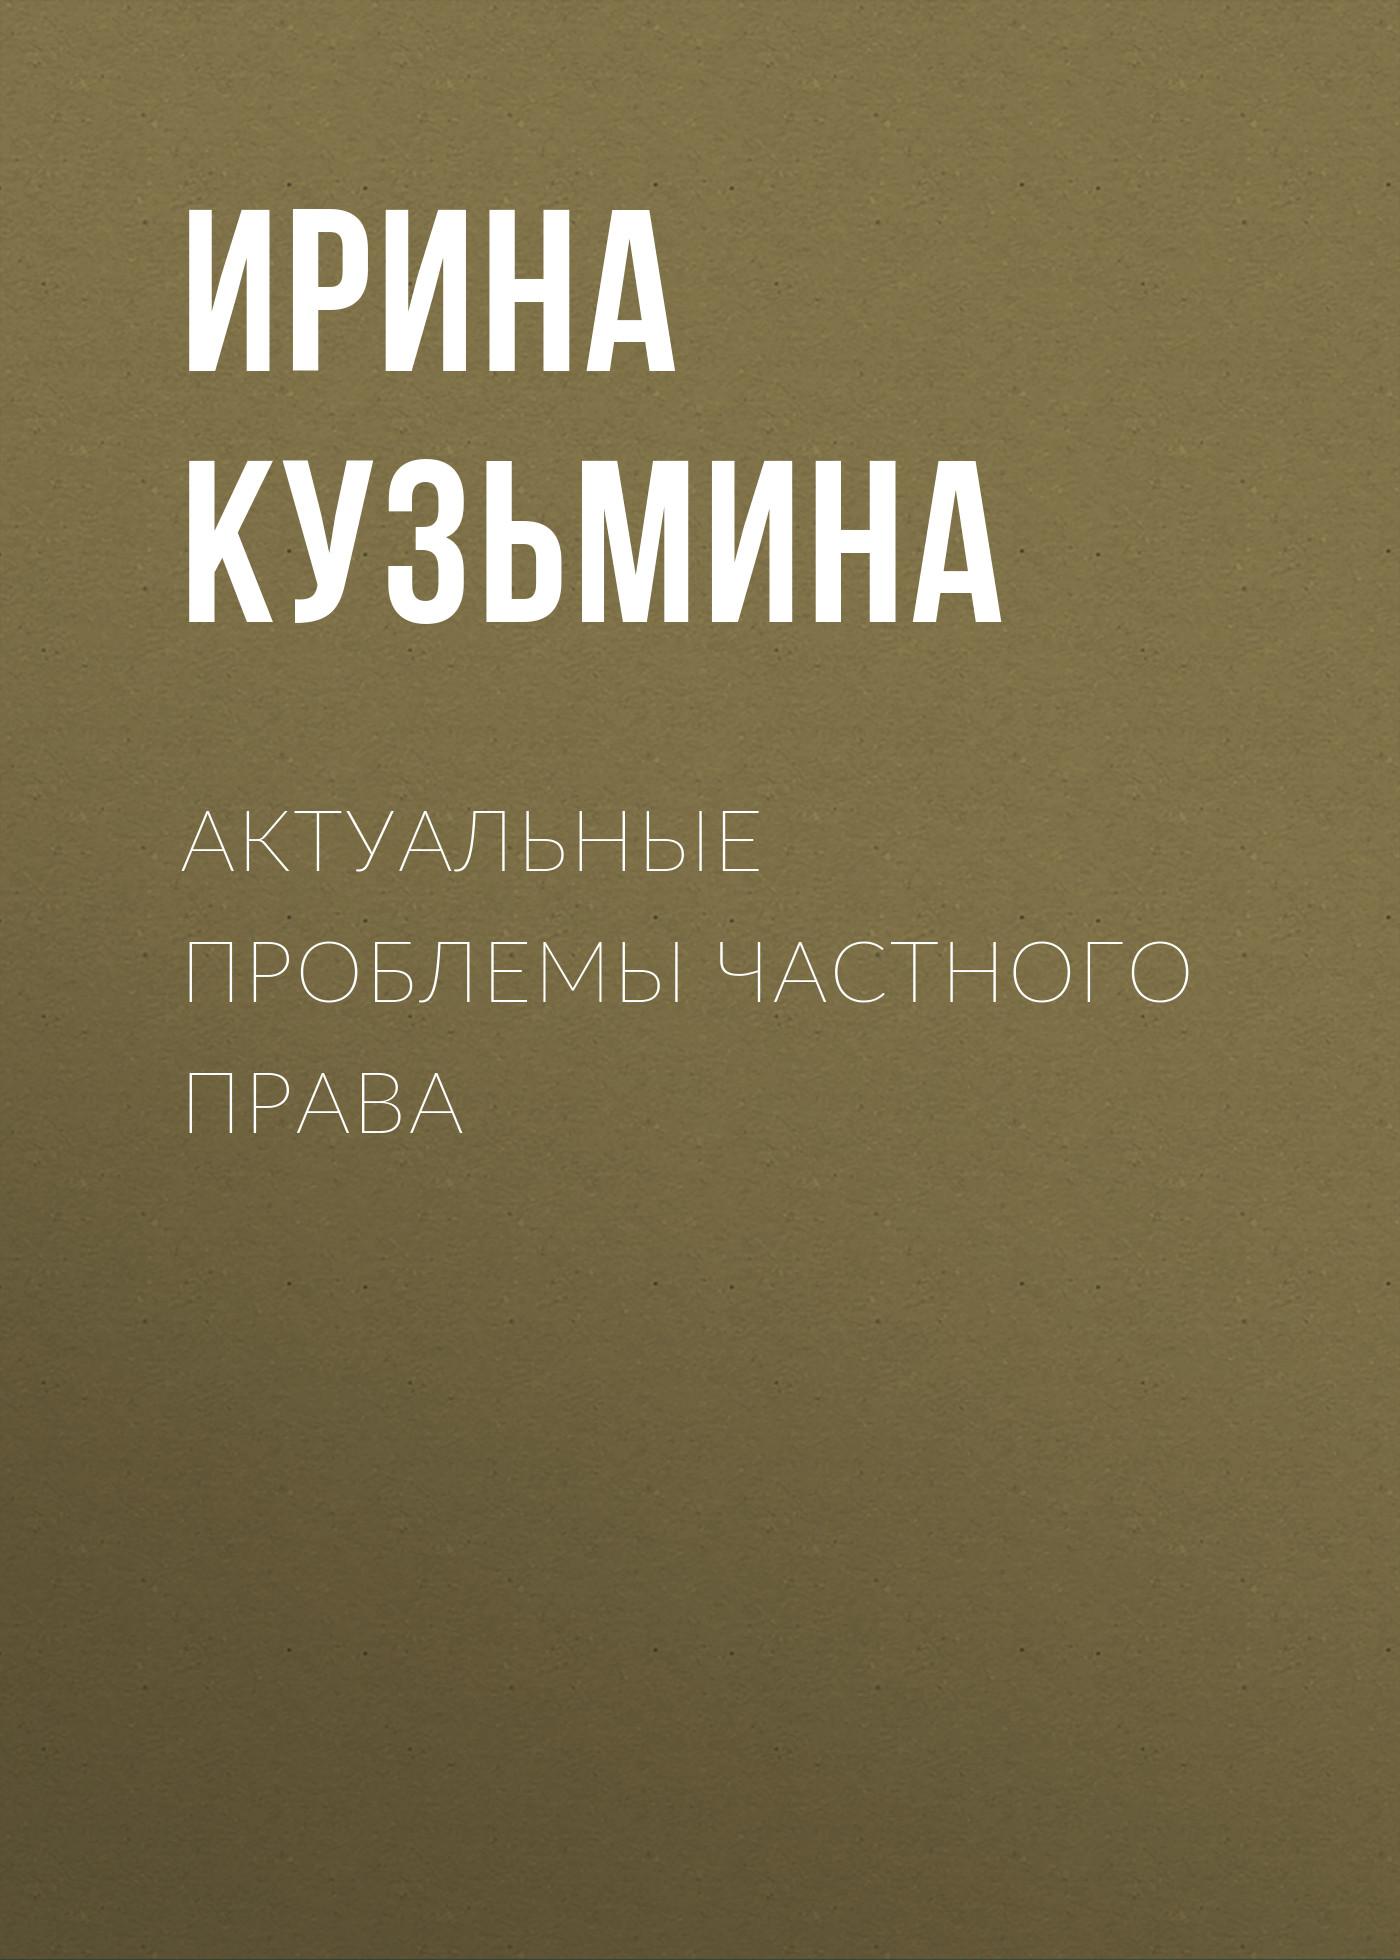 Ирина Кузьмина Актуальные проблемы частного права костюм утепленный gusti gusti gu018egbugn3